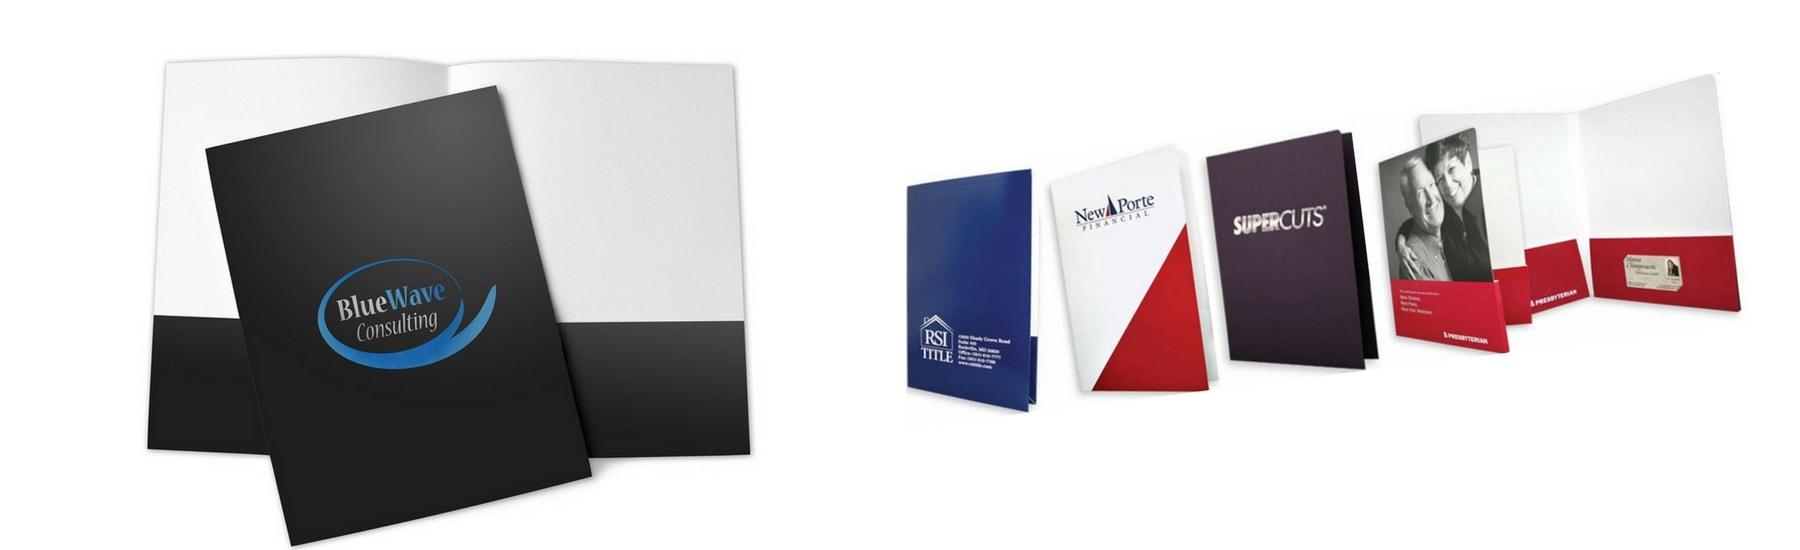 logo folders